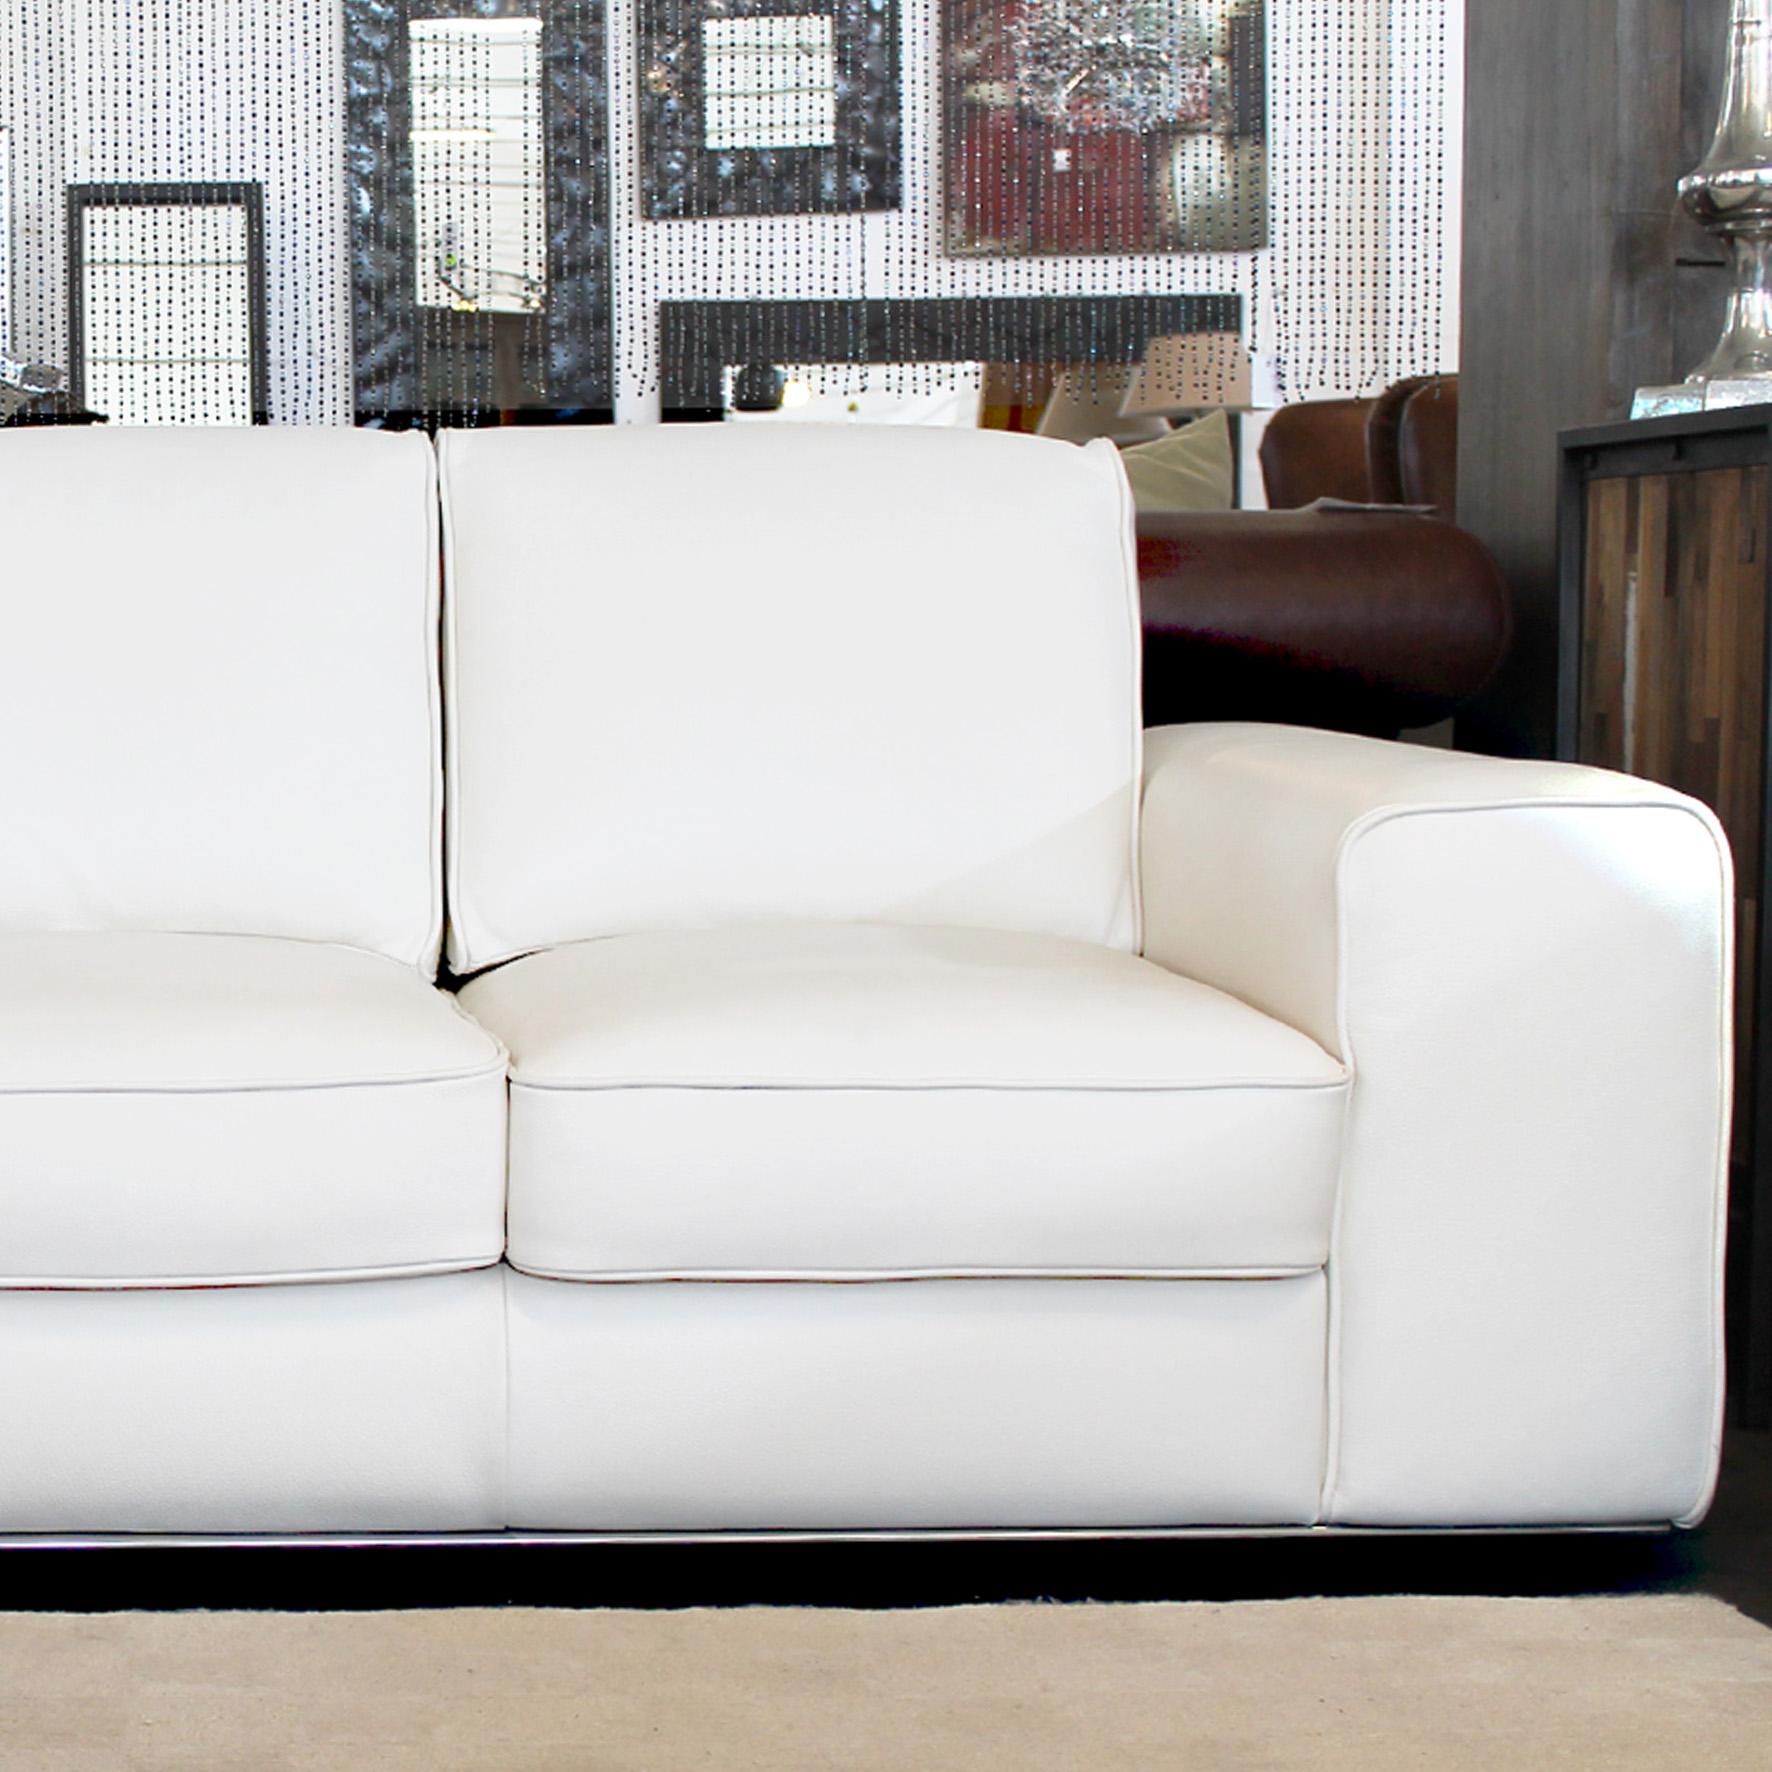 Mobili e arredamento divano bianco in pelle - Pulire pelle divano ...